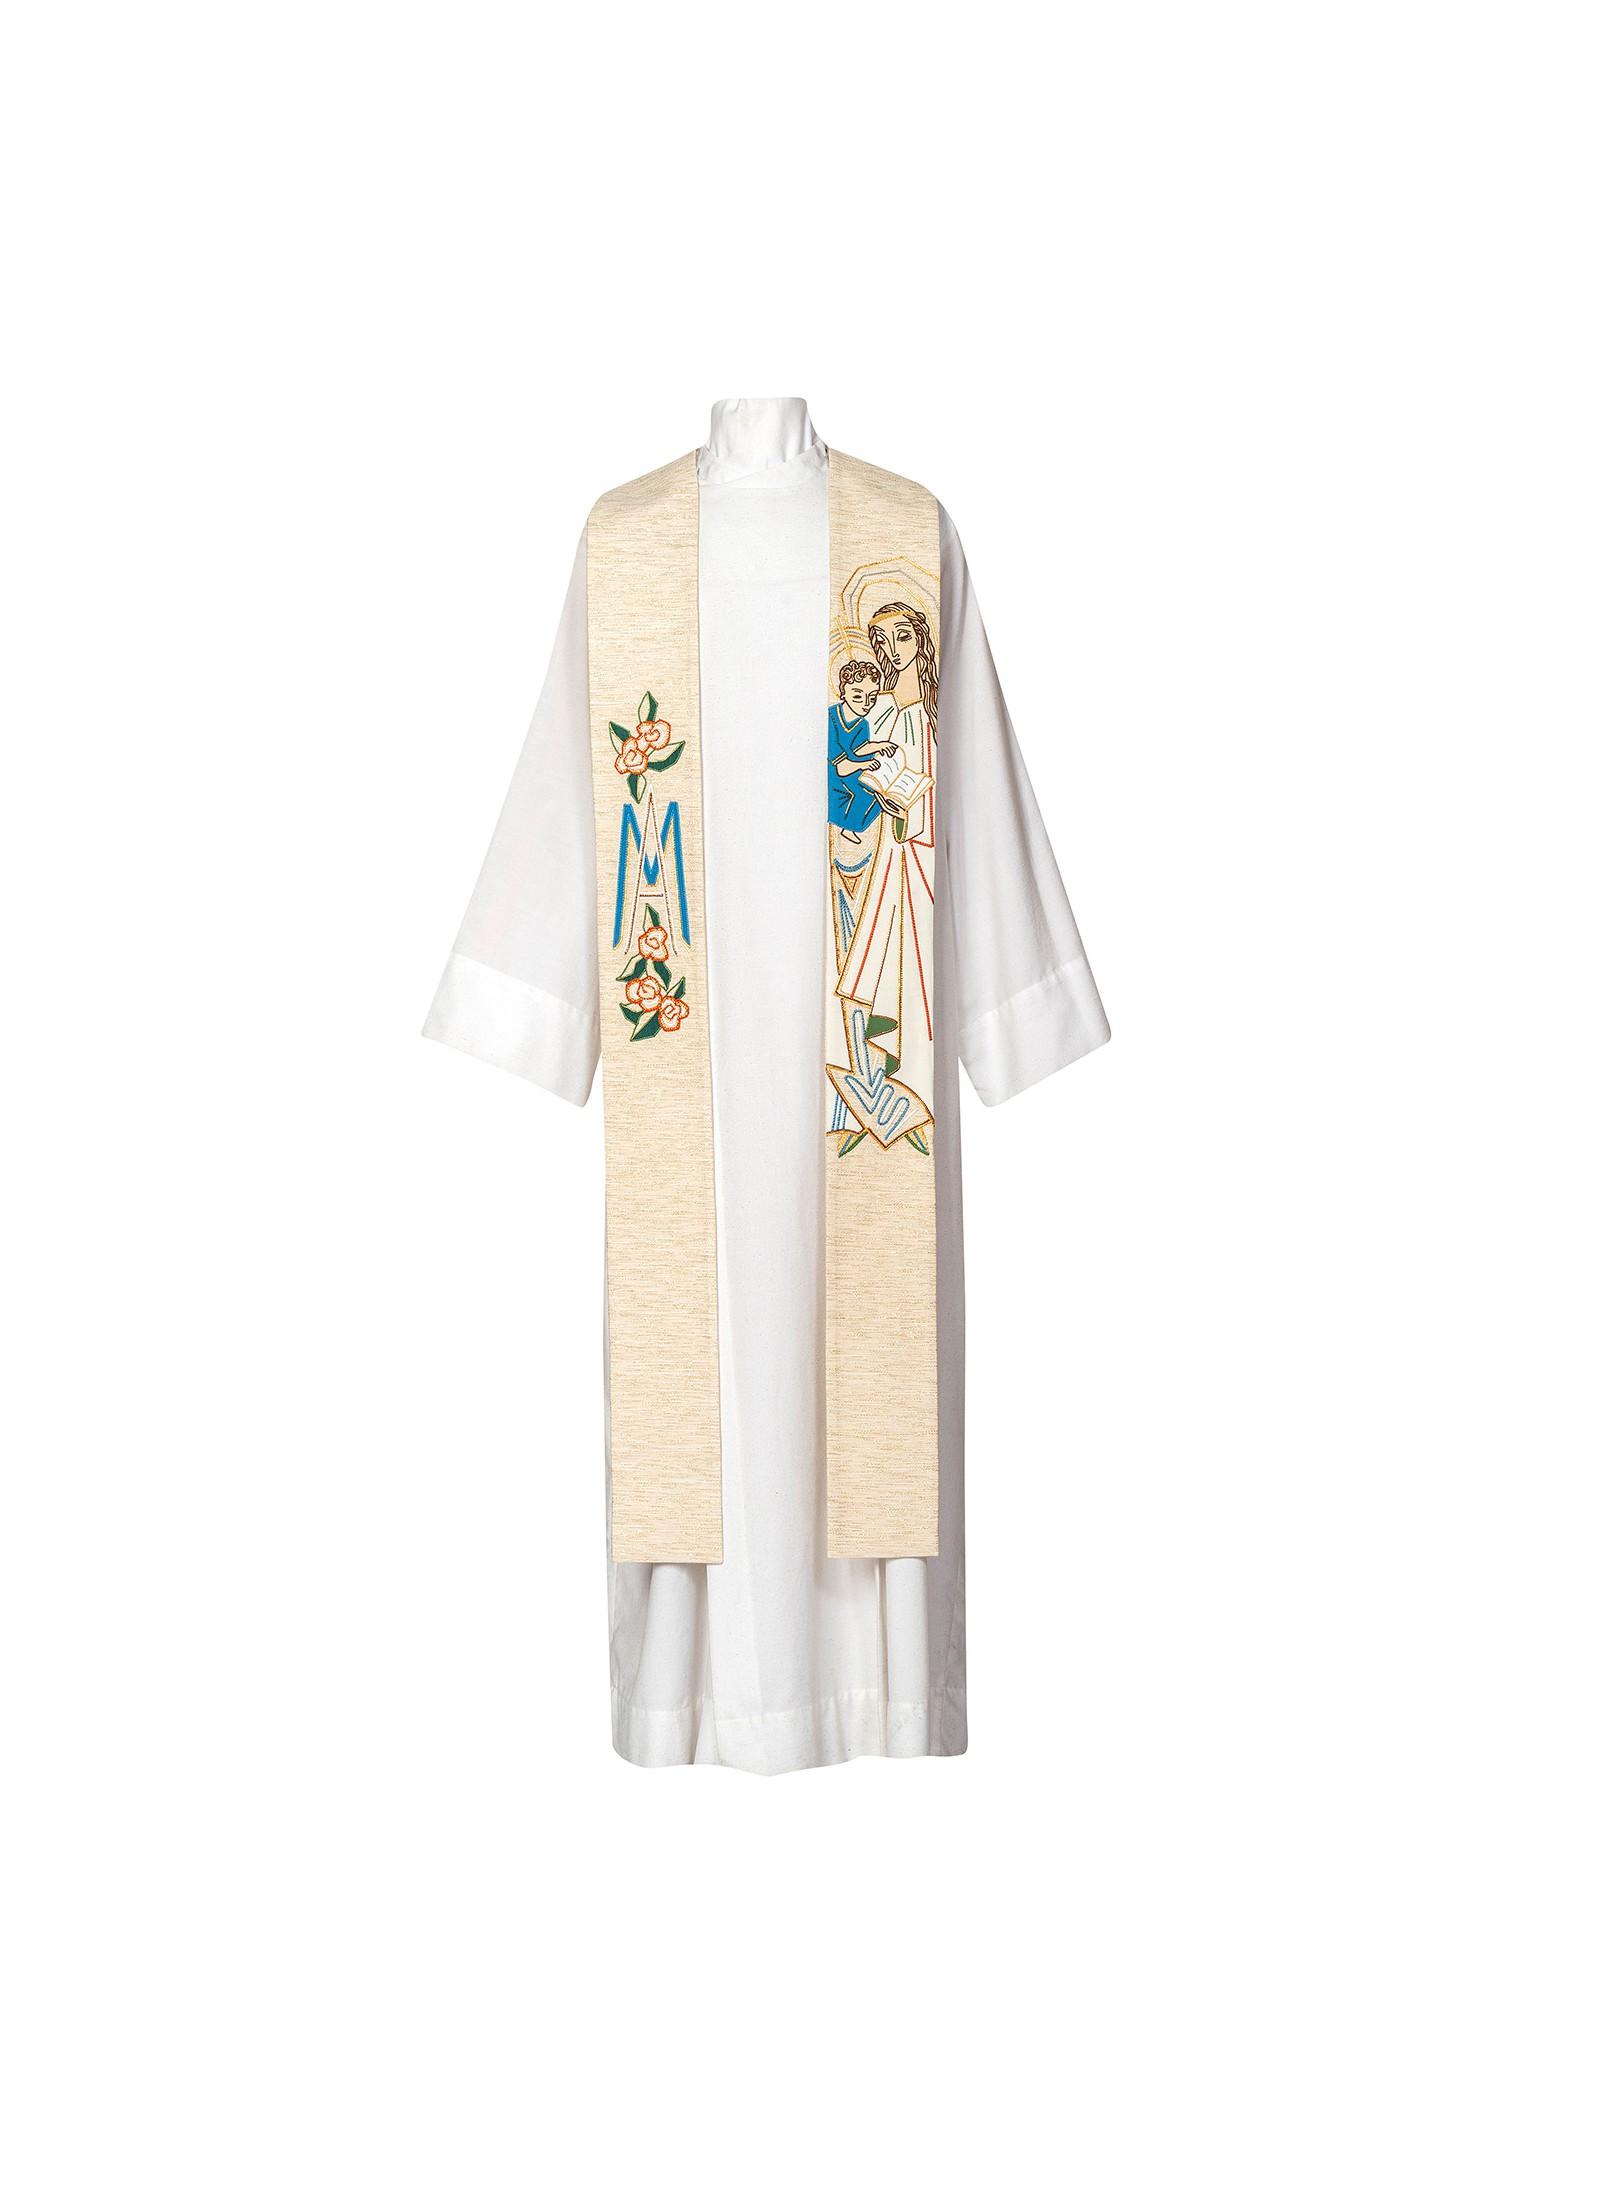 bello design modellazione duratura online qui 'Mother of God' Overlay Stole - Marian series